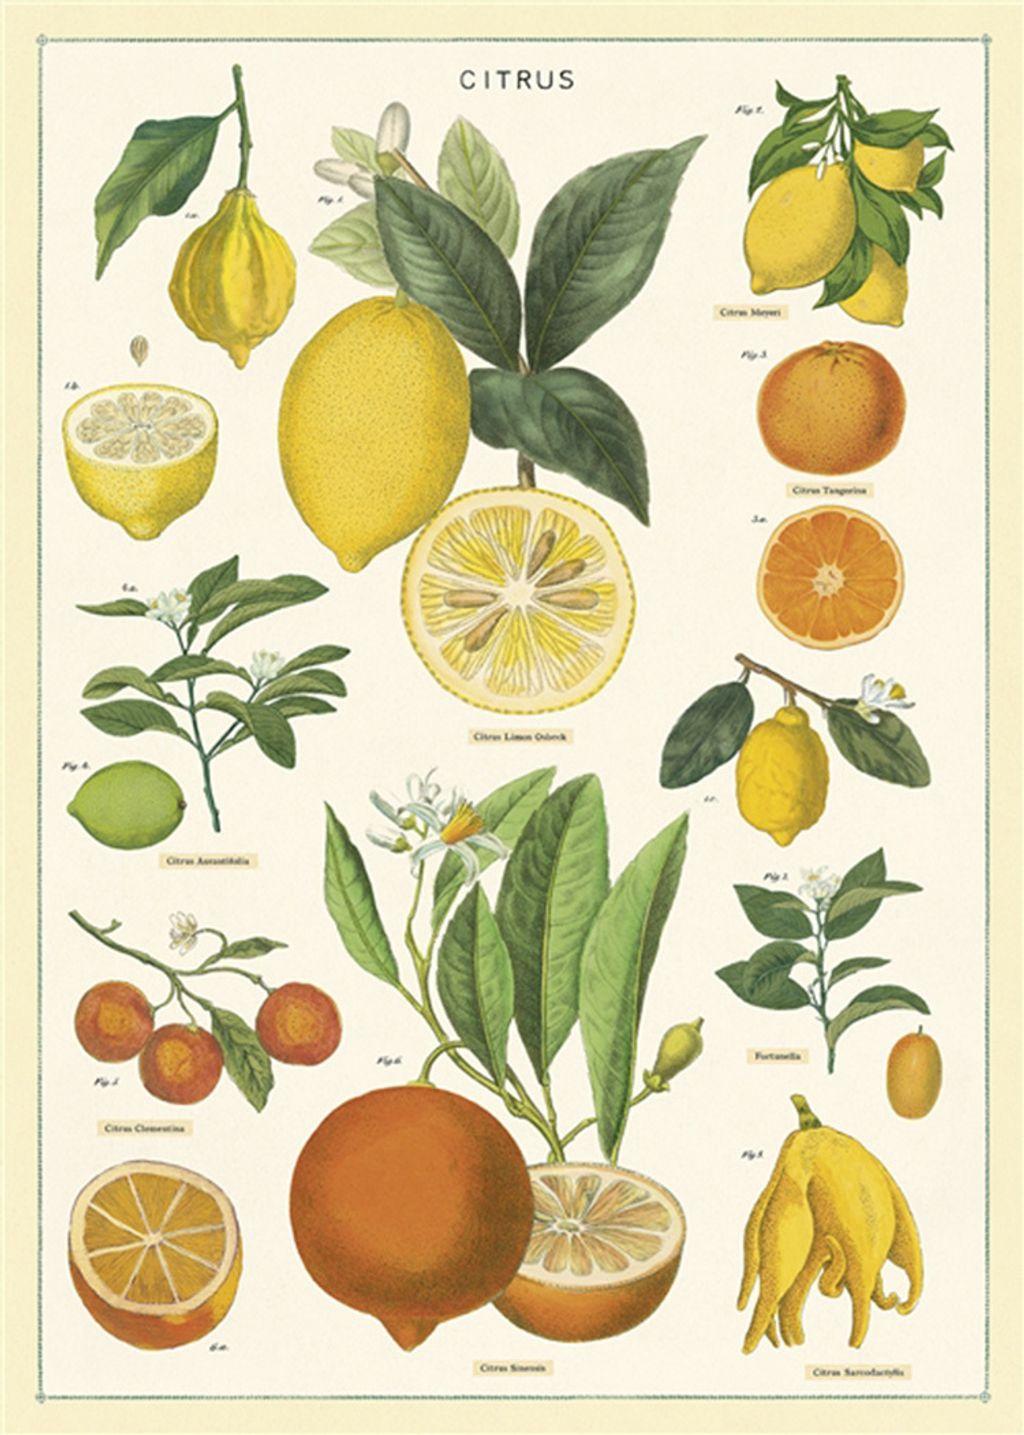 認識柑橘.jpg